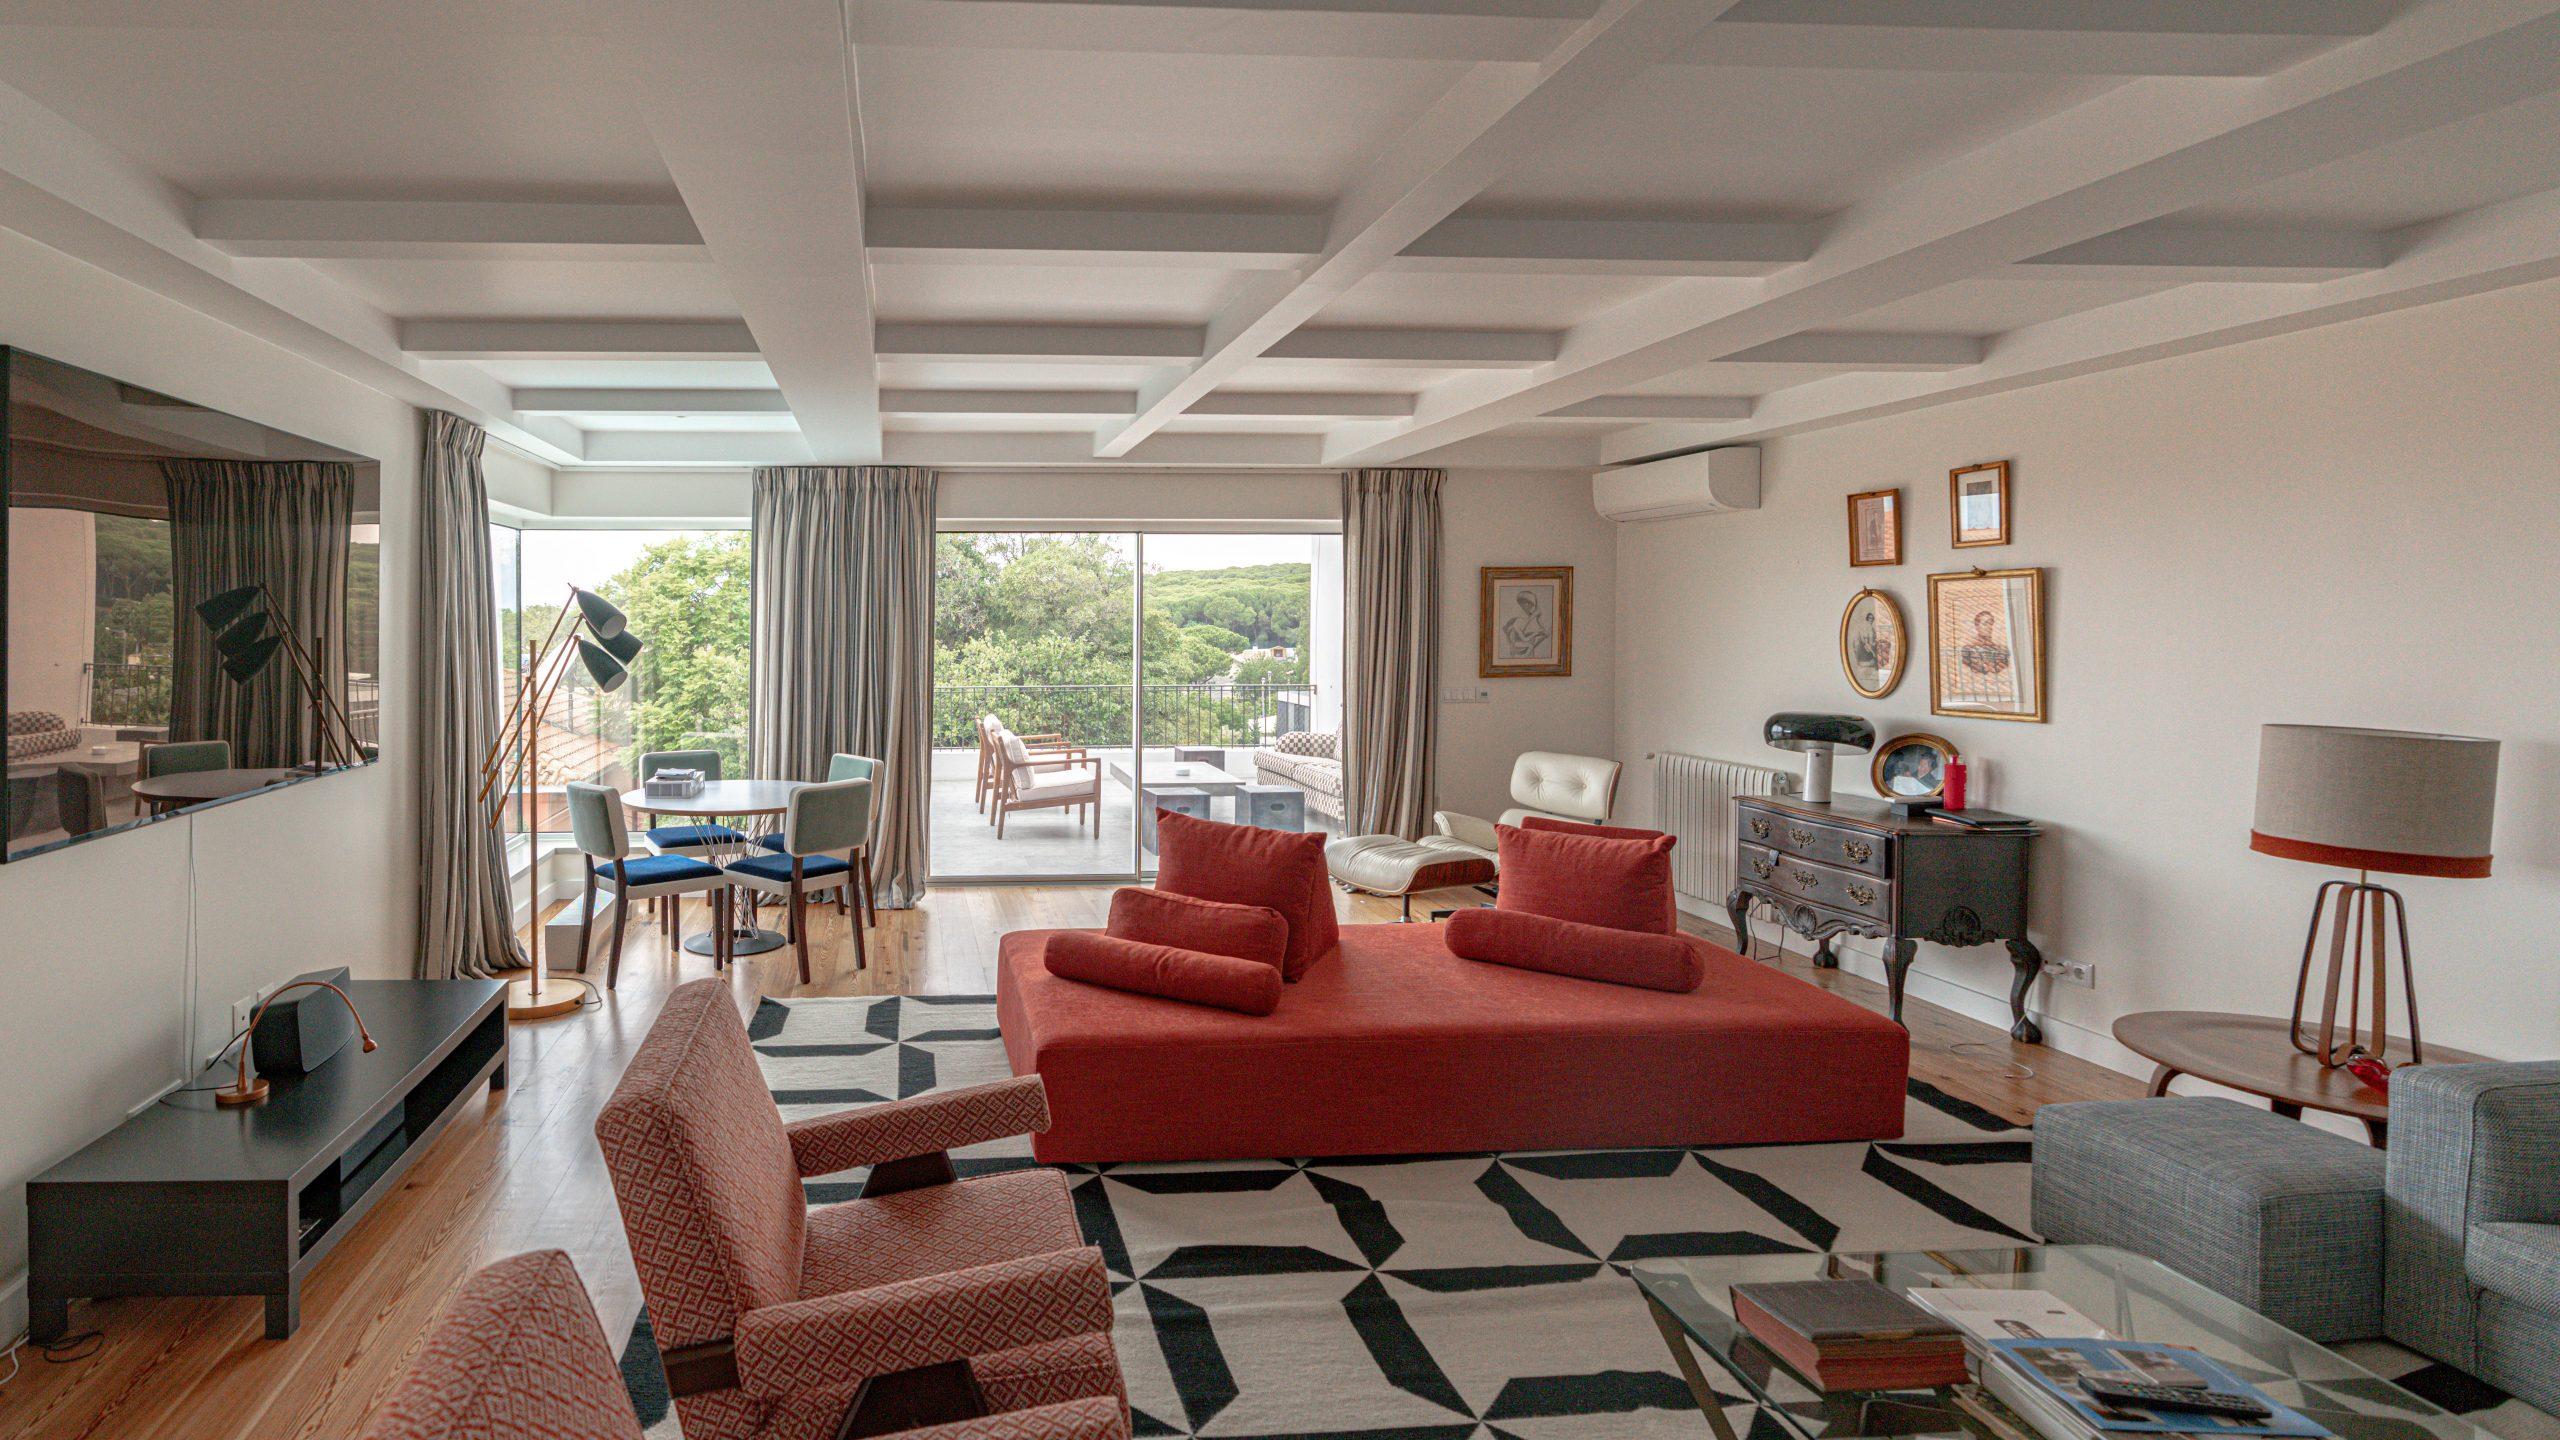 moradia decoração, design interiores, design, interior design, lisboa, arquitecto lisboa, sabrab